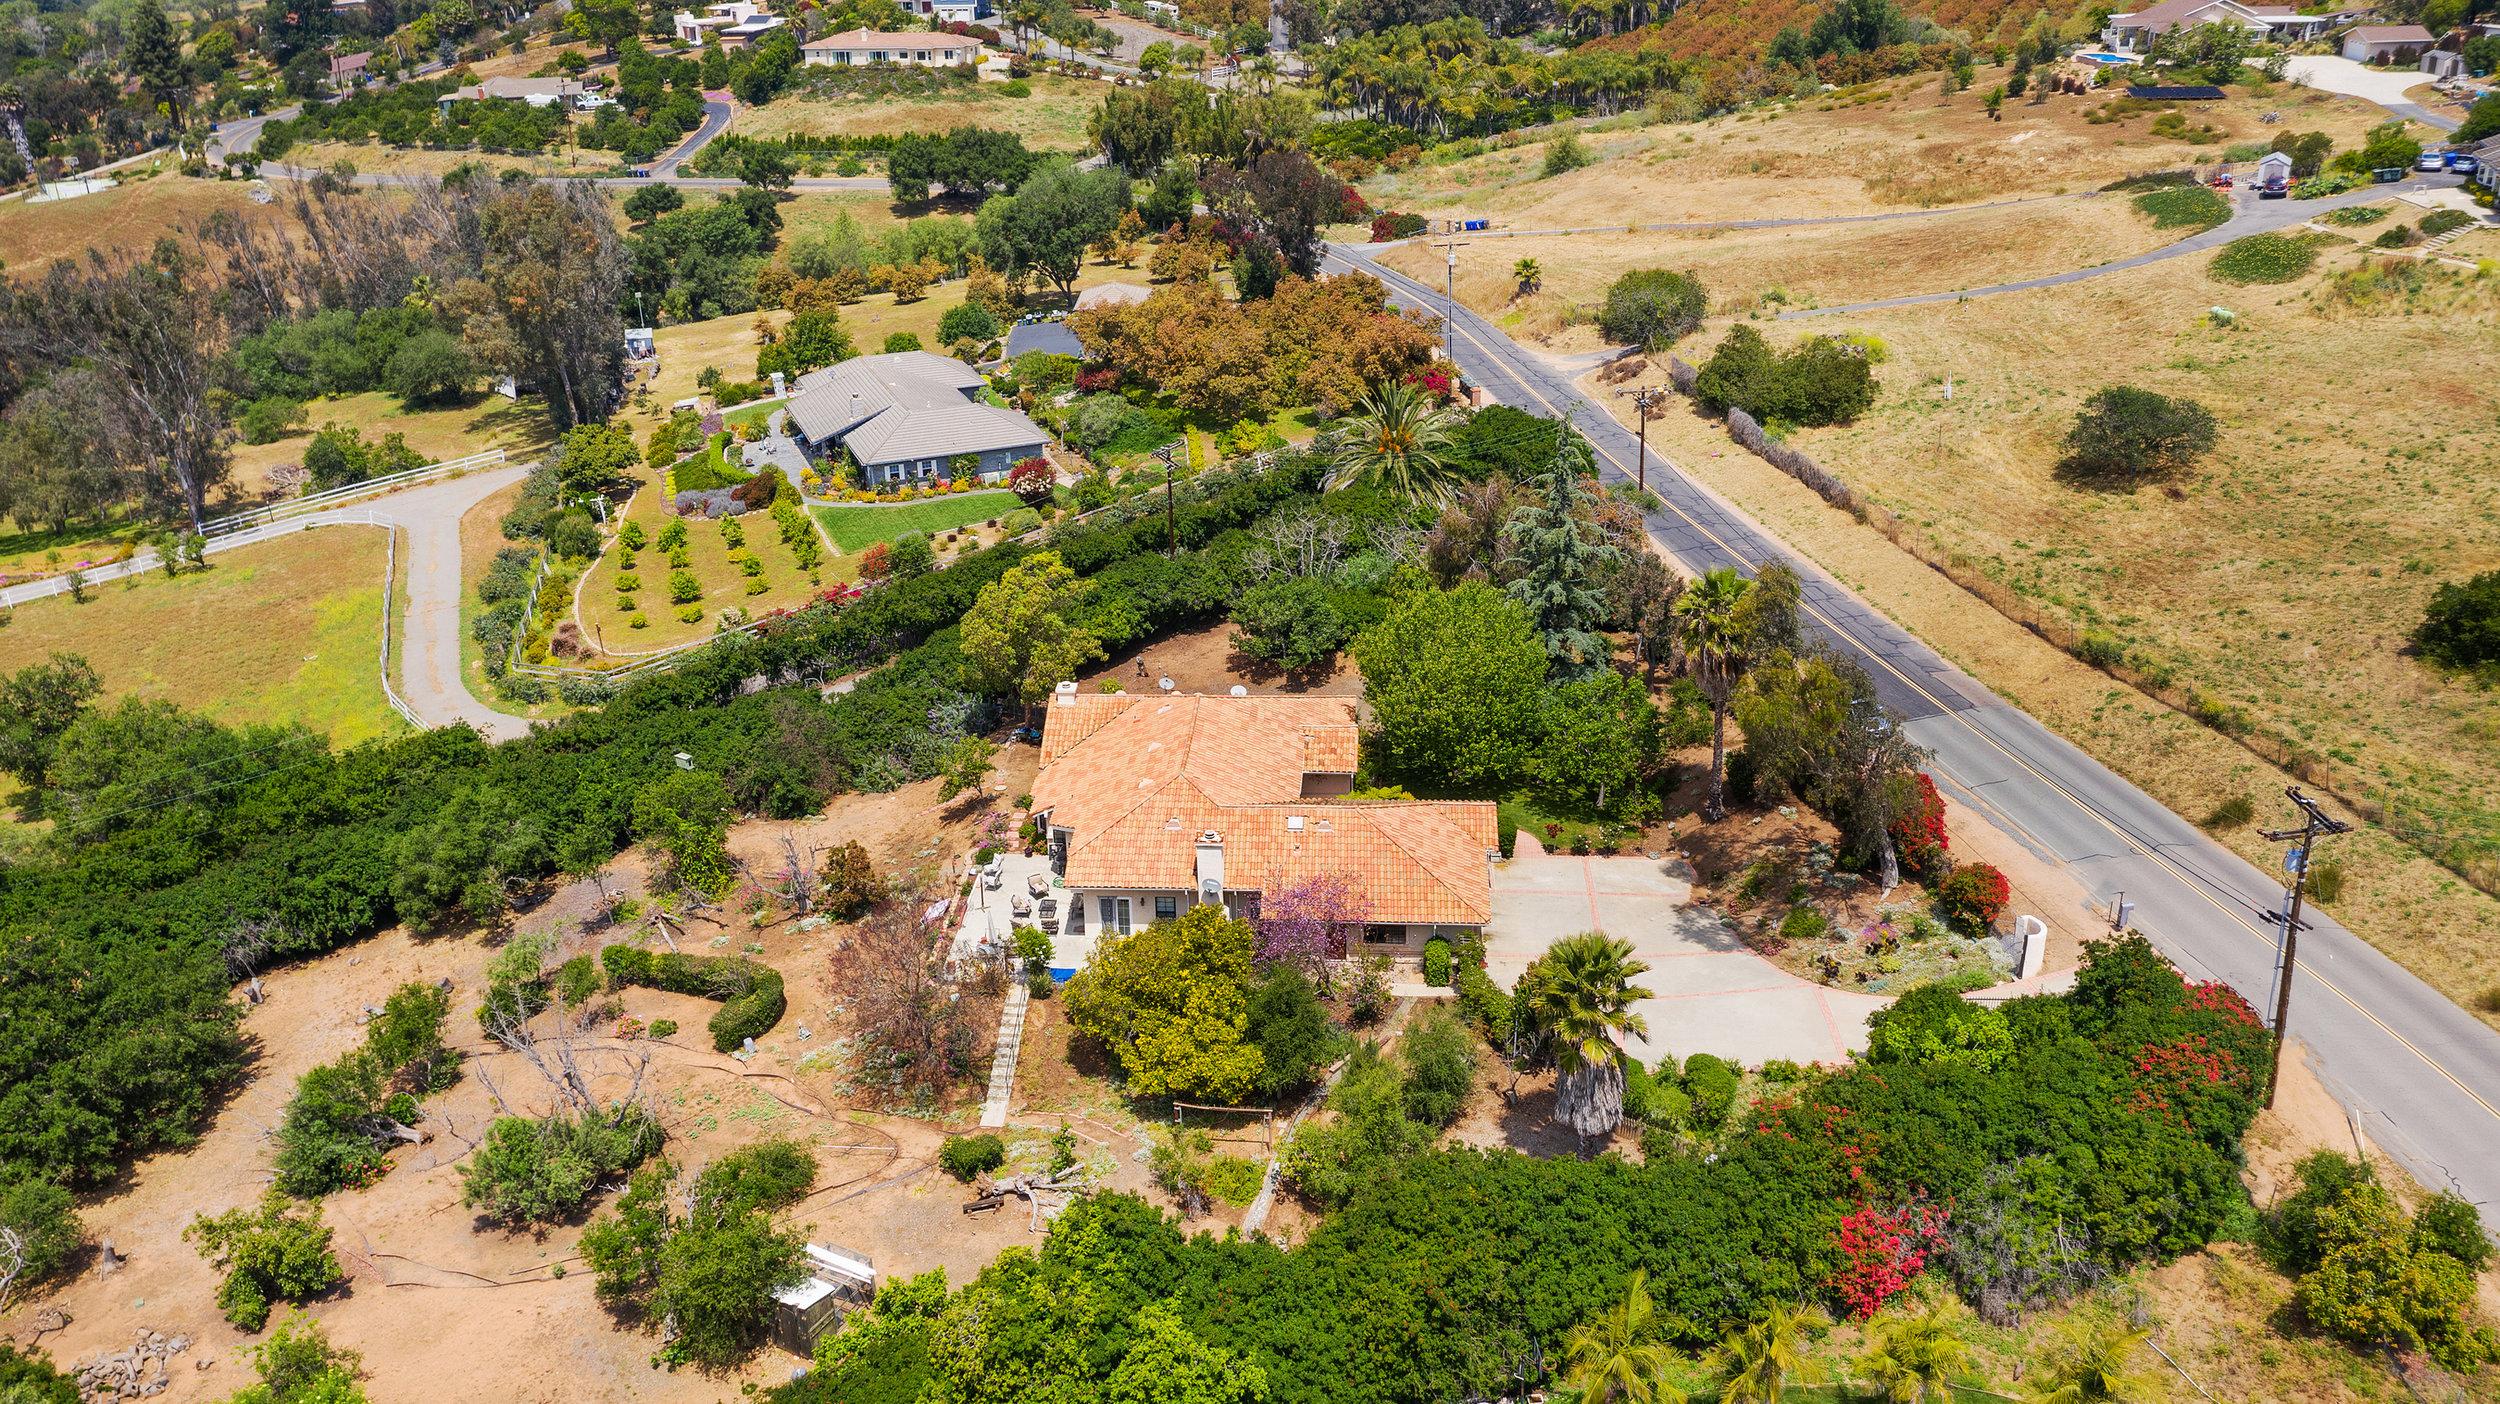 041_Aerial Side View.jpg